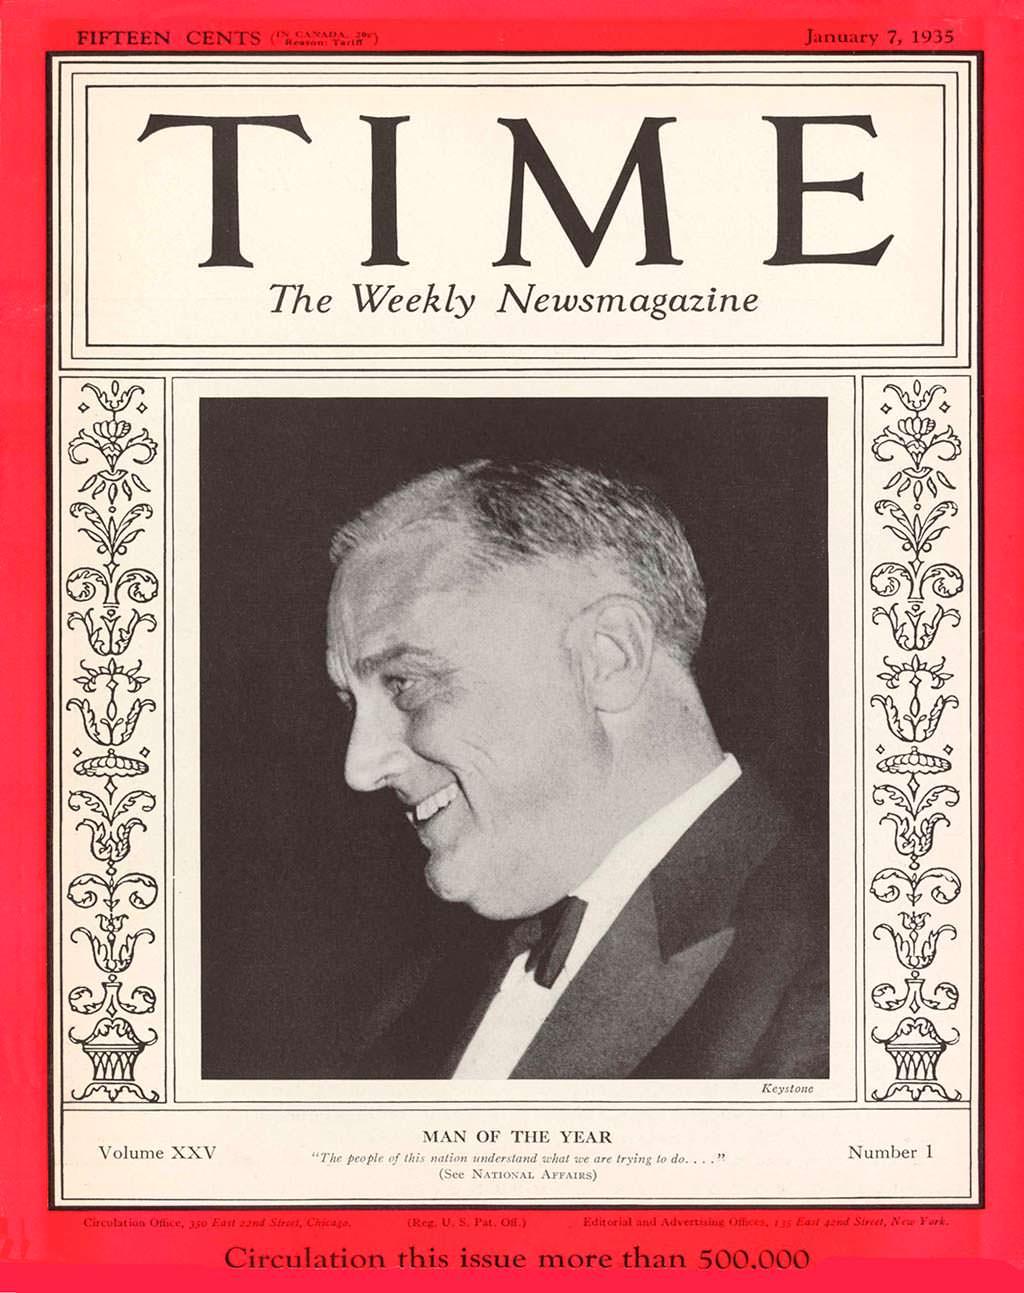 1934 год. Президент США Франклин Рузвельт на обложке Time